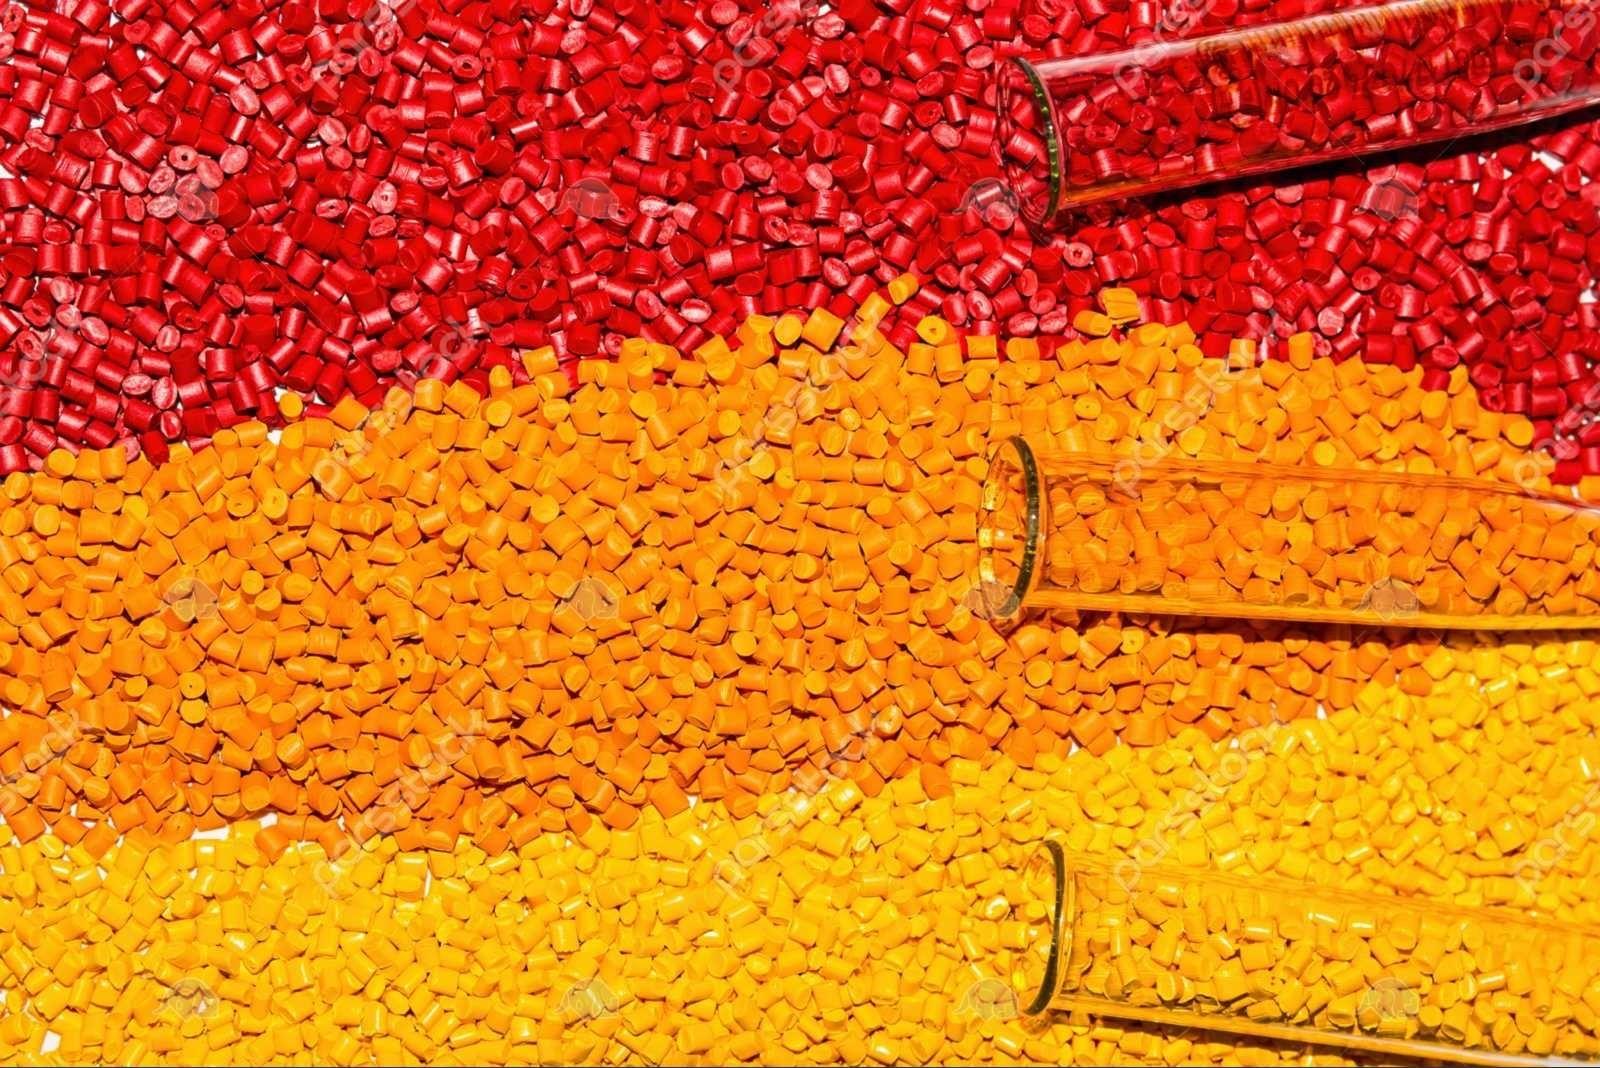 خرید گرانول پلاستیک در کرج